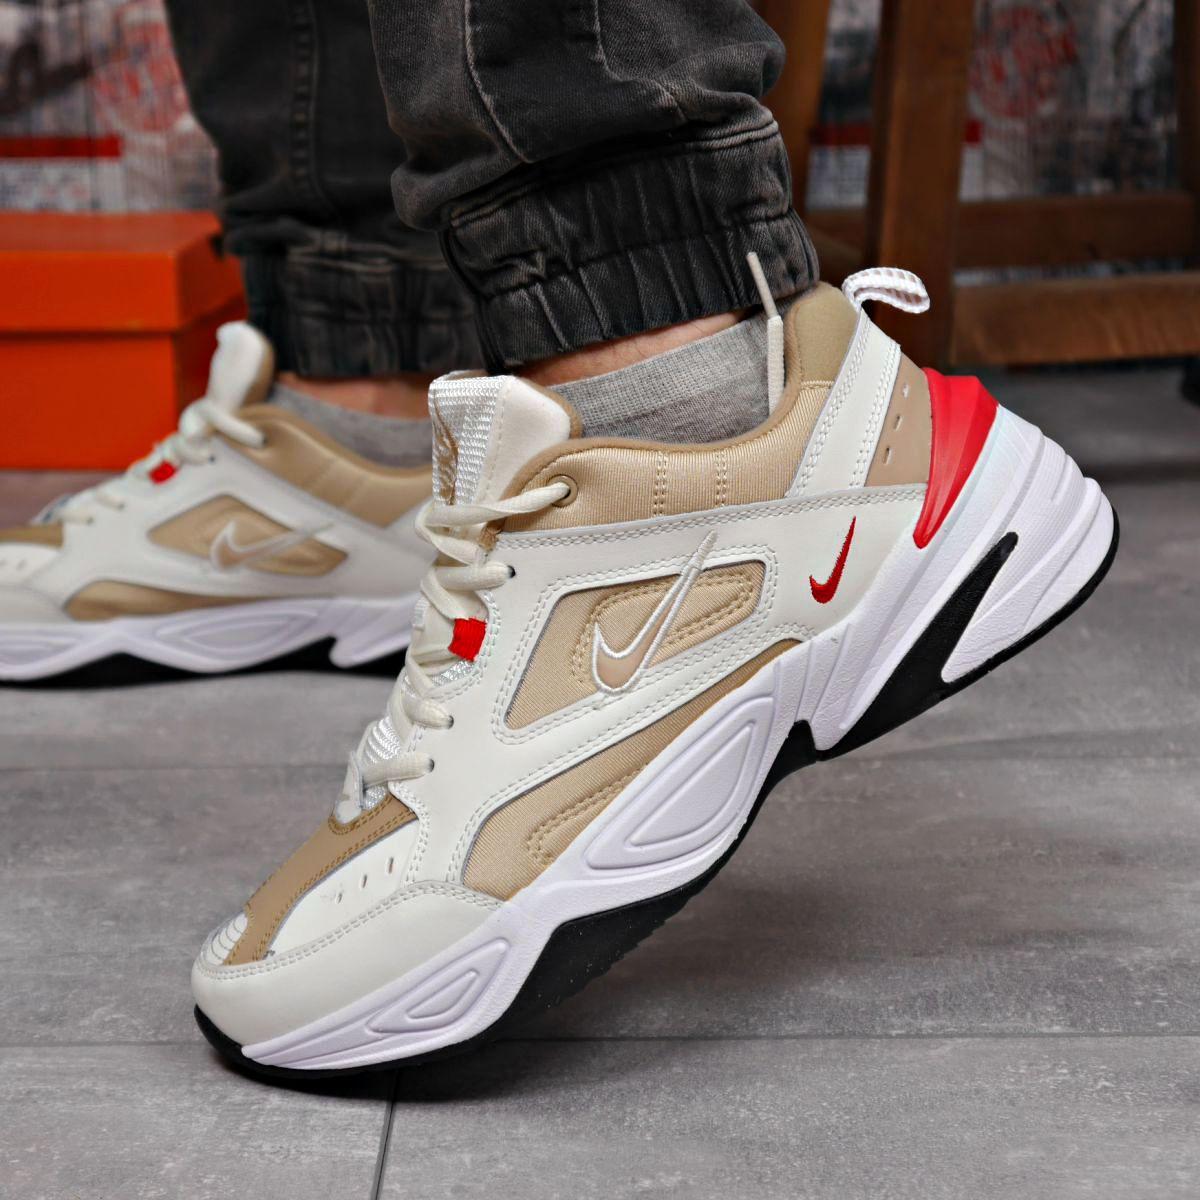 Кросівки чоловічі 18206, Nike M2K Tekno, виберіть [ 41 42 43 44 45 46 ] р. 41-26,2 див.